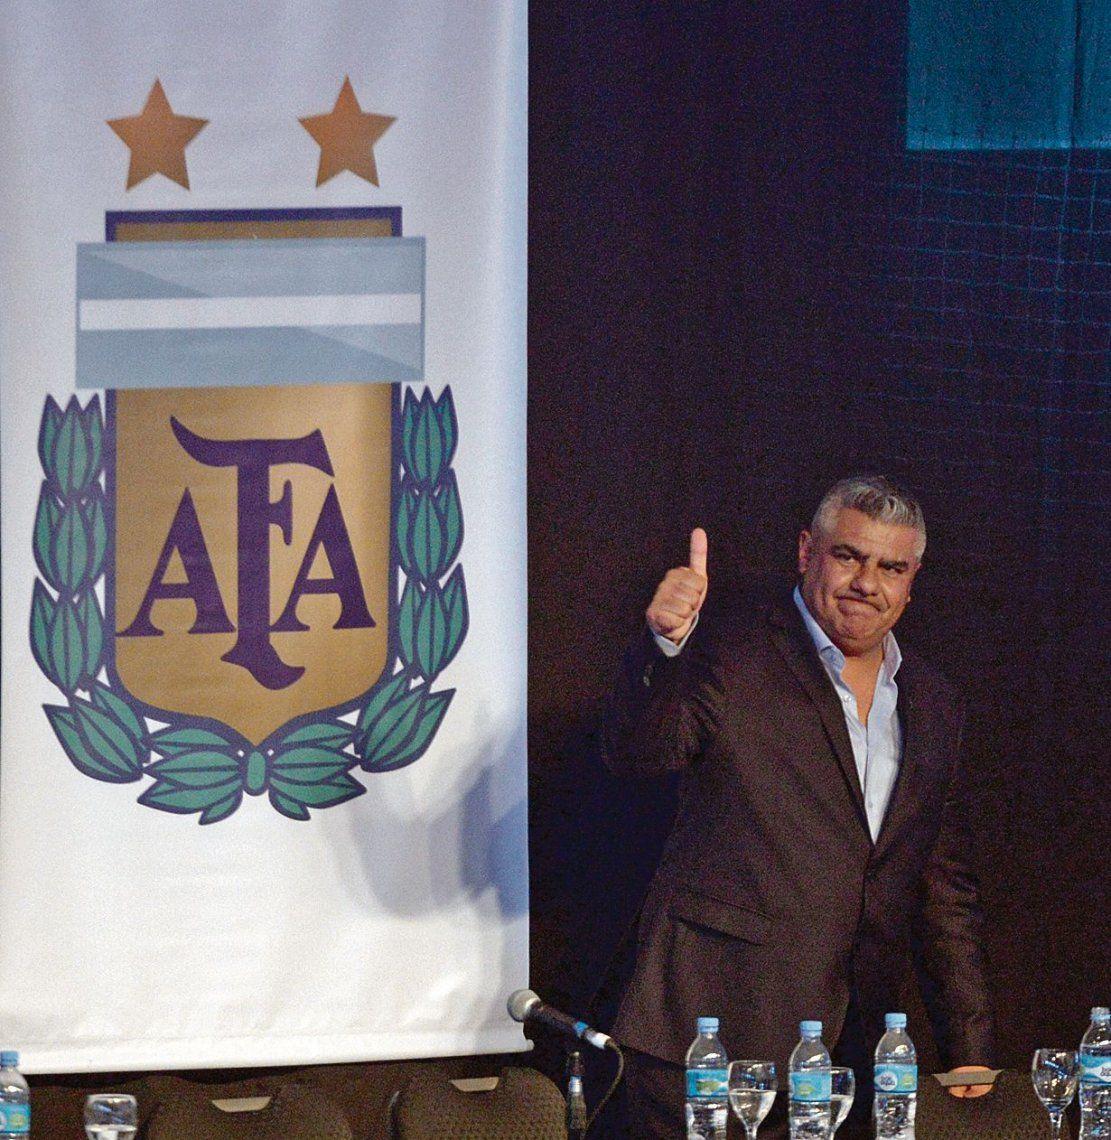 dLa B Nacional está en crisis; y si no fuera porque Tapia es el presidente de la AFA estaría de paro.